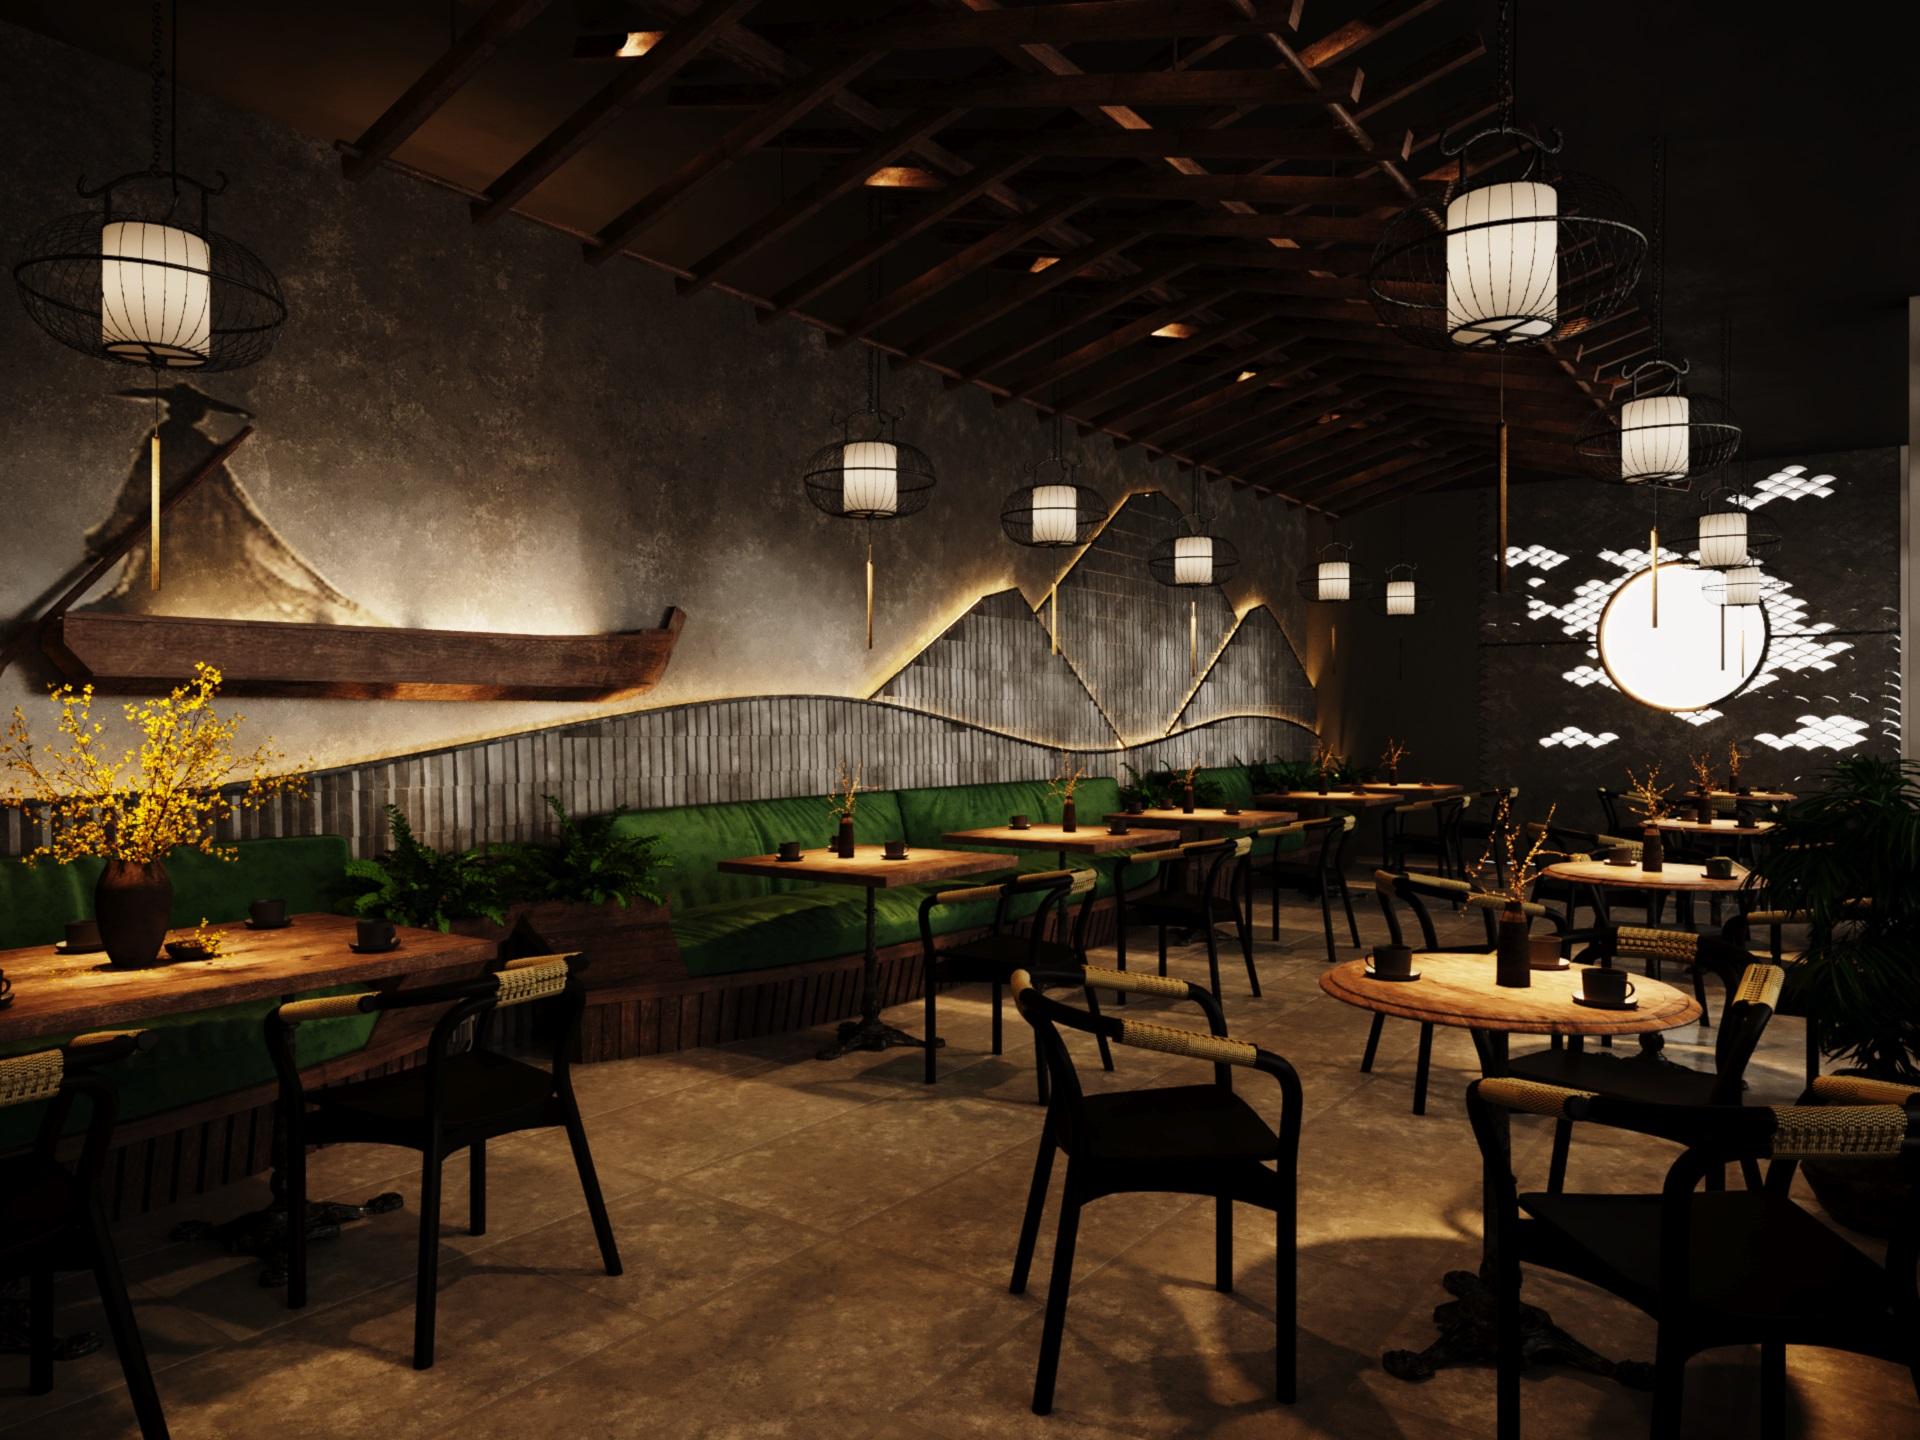 thiết kế nội thất Cafe tại Hà Nội caffee koi 22 1569649994